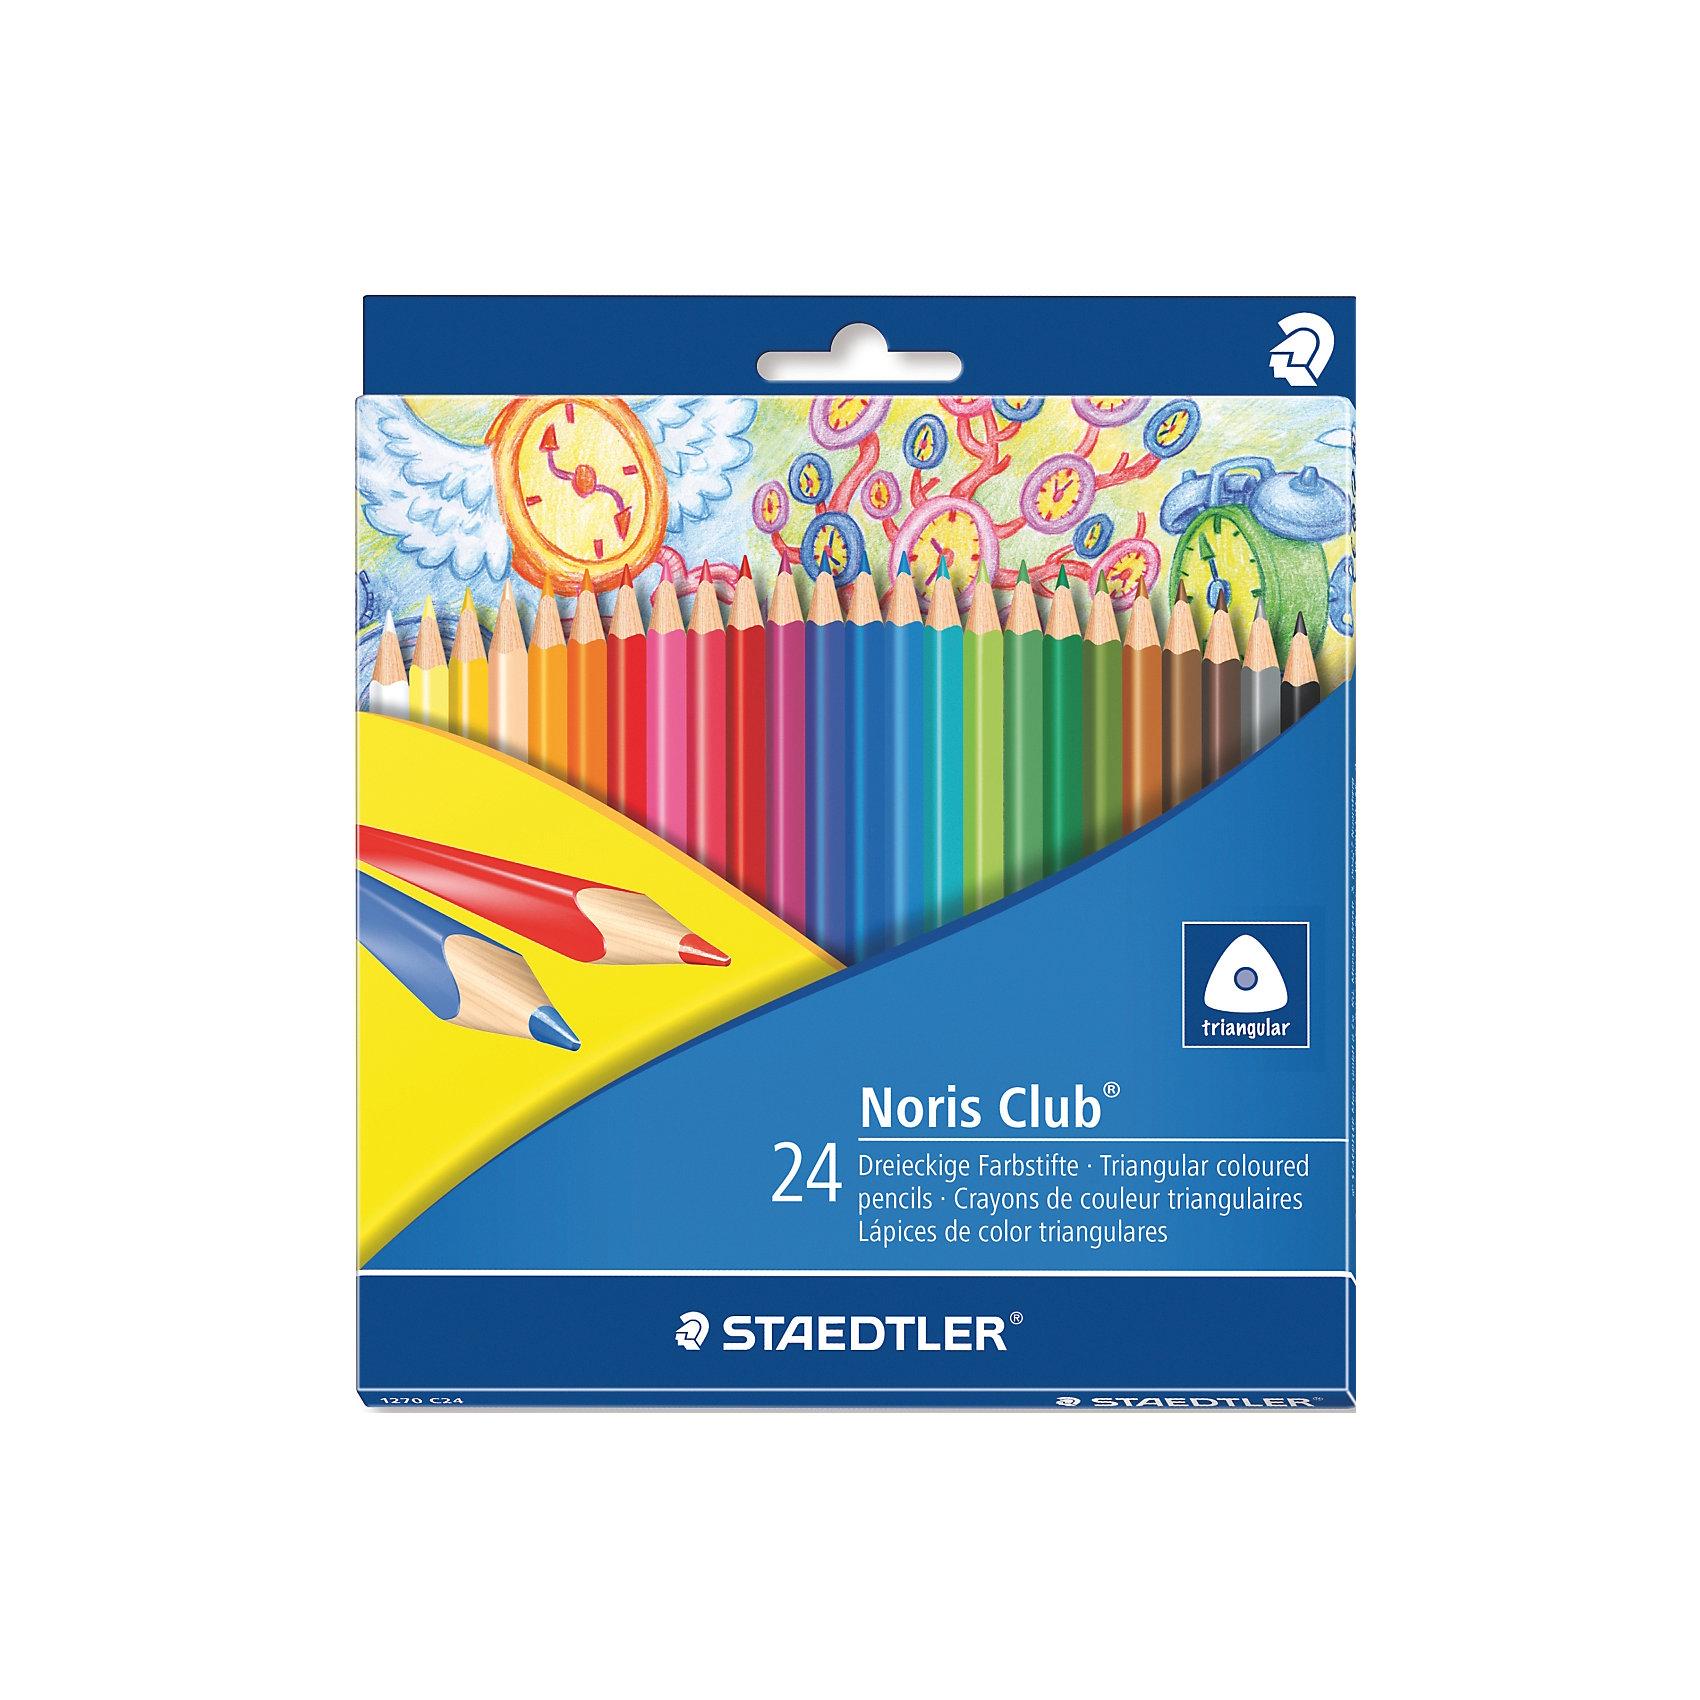 Карандаши  цветные Noris Club, 24 цвРисование<br>Цветные карандаши  Noris Club 127   от торговой марки    Staedtler   помогут маленькому художнику создавать настоящие произведения искусства. Набор состоит из 24 самых основных насыщенных цветов. Изделия имеют прочный грифель и удобную шестигранную форму, которая позволяет легко их затачивать. Такие карандаши будет незаменимы в процессе обучения и для детского творчества. Набор упакован в яркую коробочку с оригинальным дизайном.<br><br>Дополнительная информация: <br><br>- возраст: от 3 лет<br>- тип: 24 цветных карандашей <br>- упаковка: картонная коробка<br>- вид карандаша: простой<br>- корпус: трехгранный<br>- поверхность: бумага<br>- назначение: для рисования, для творчества, для подчеркивания<br>- материал: дерево, грифель<br>- диаметр грифеля: 3 мм<br>- страна производитель: Германия.<br><br>Набор из 24 цветных  карандашей   Noris HB  торговой марки   Staedtler  можно купить в нашем интернет-магазине.<br><br>Ширина мм: 198<br>Глубина мм: 176<br>Высота мм: 10<br>Вес г: 164<br>Возраст от месяцев: 60<br>Возраст до месяцев: 168<br>Пол: Унисекс<br>Возраст: Детский<br>SKU: 4918512